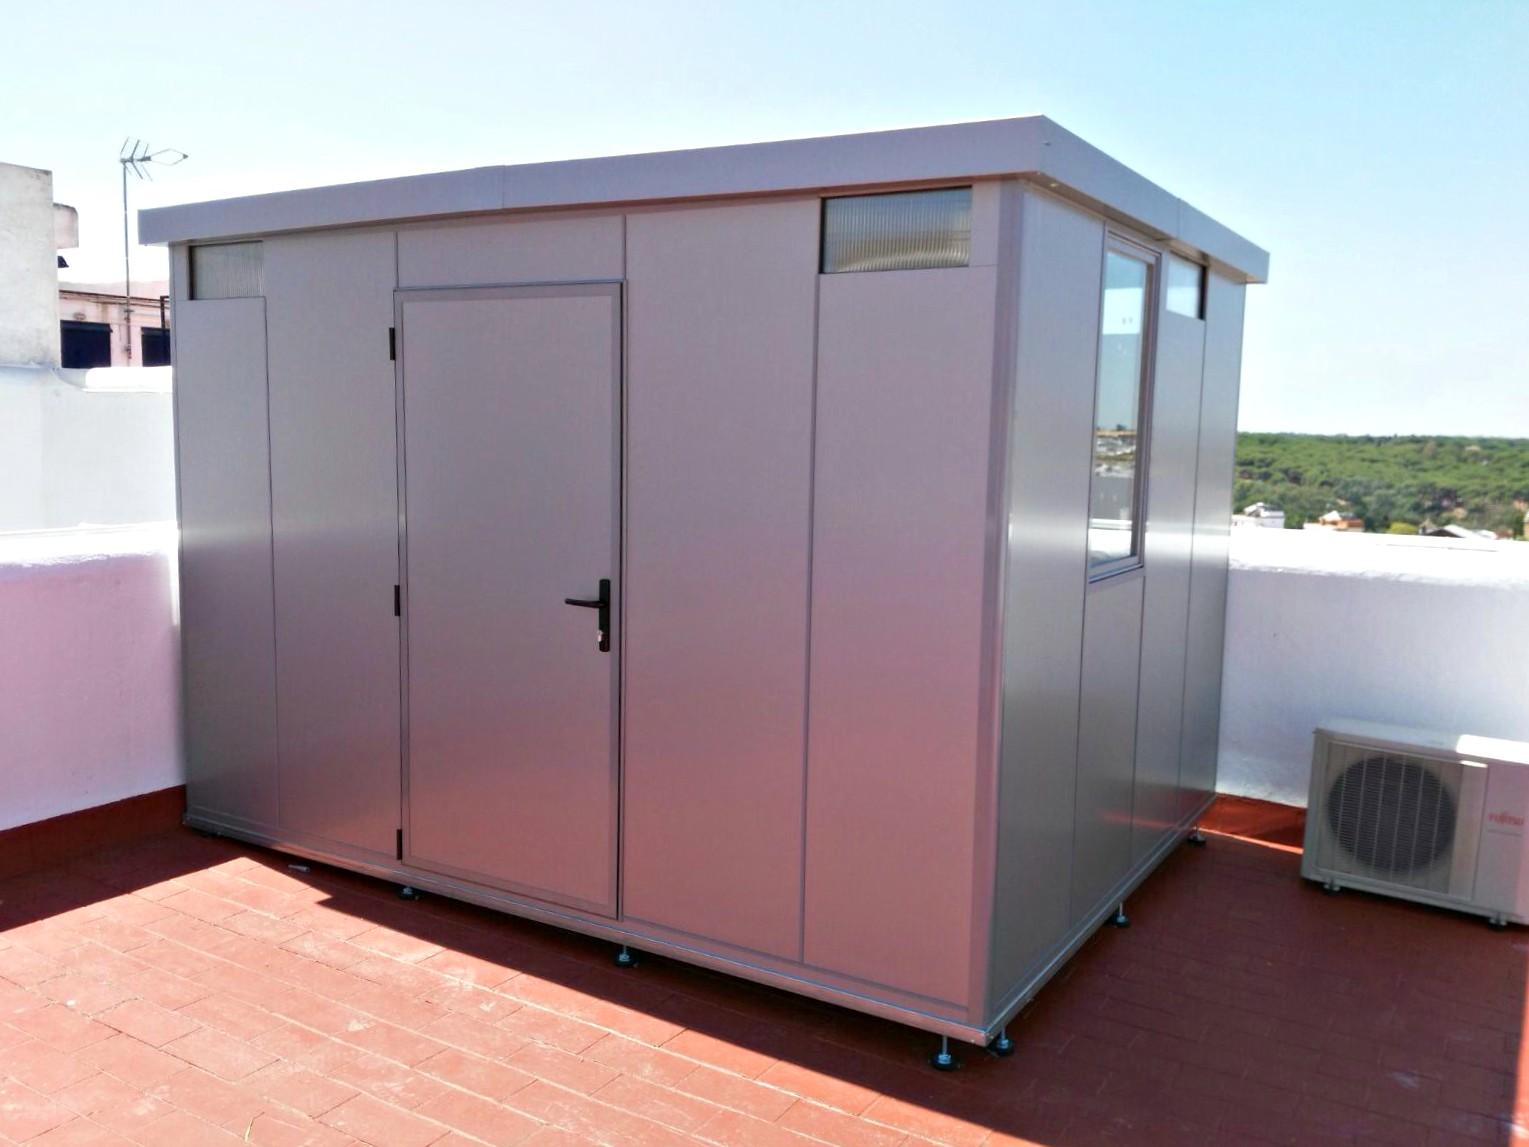 Trasteros met licos para terraza y jard n for Casetas aluminio para terrazas